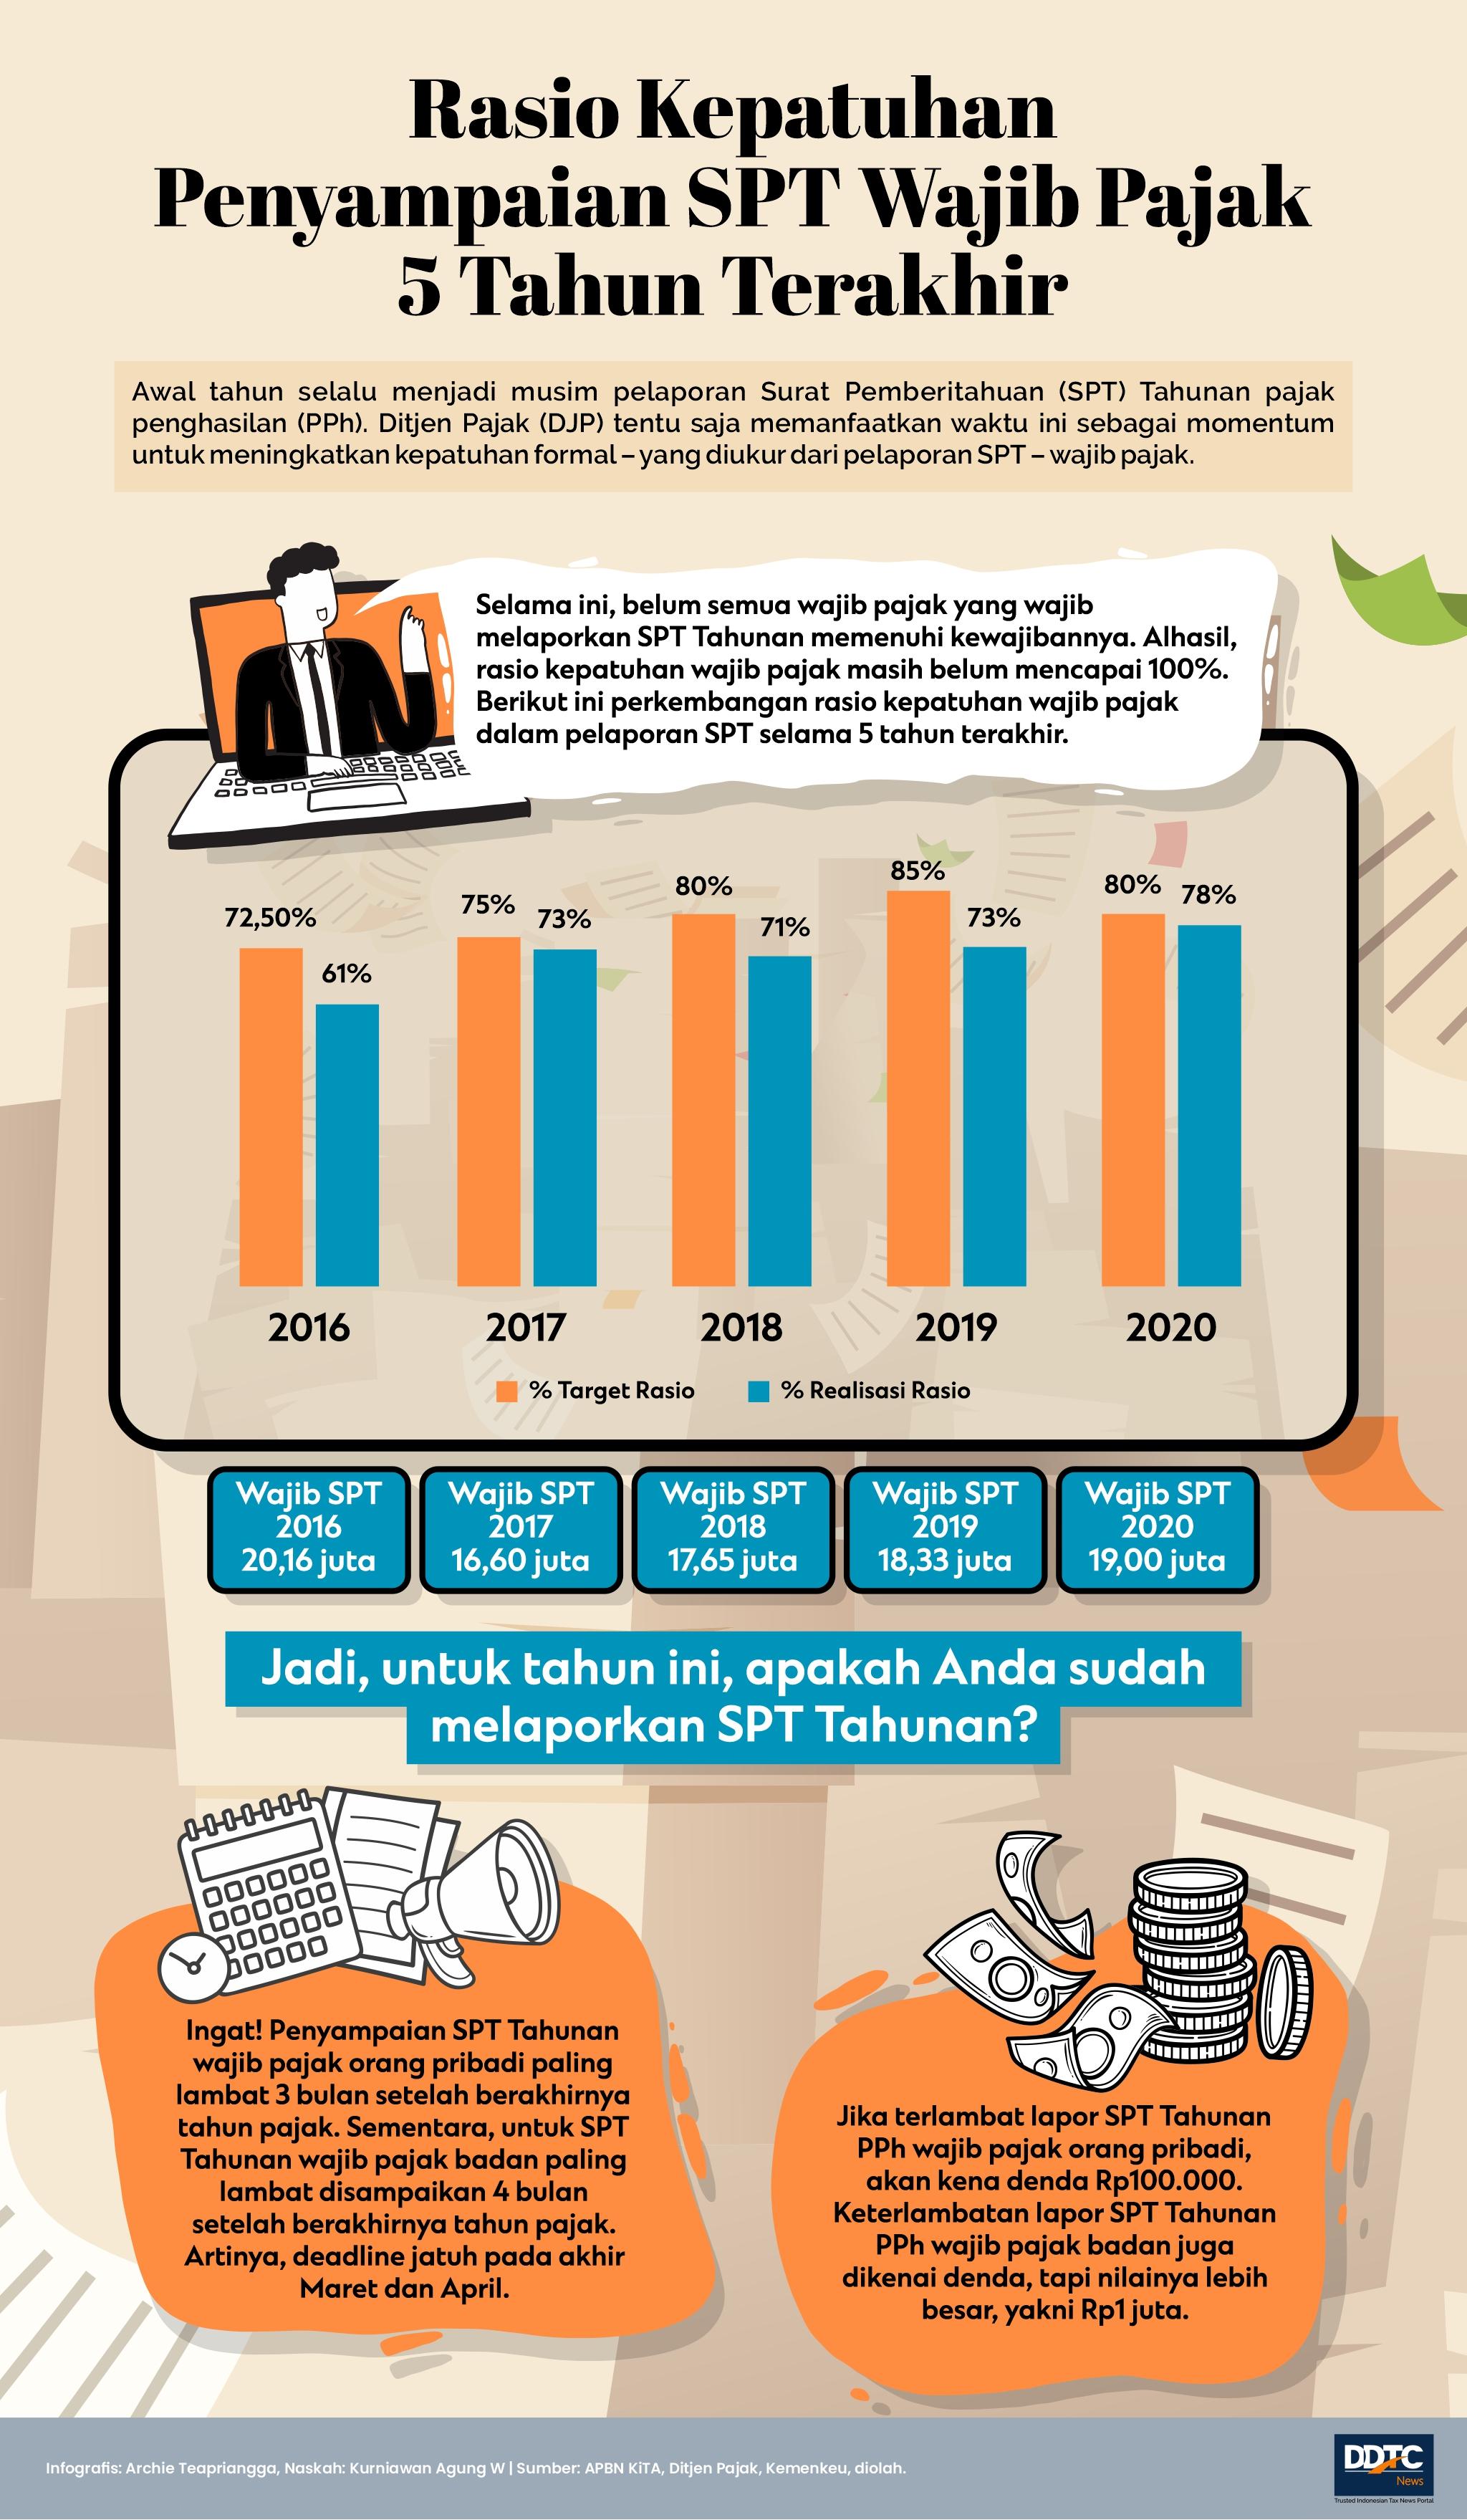 Rasio Kepatuhan Pelaporan SPT Tahunan Periode 2016-2020